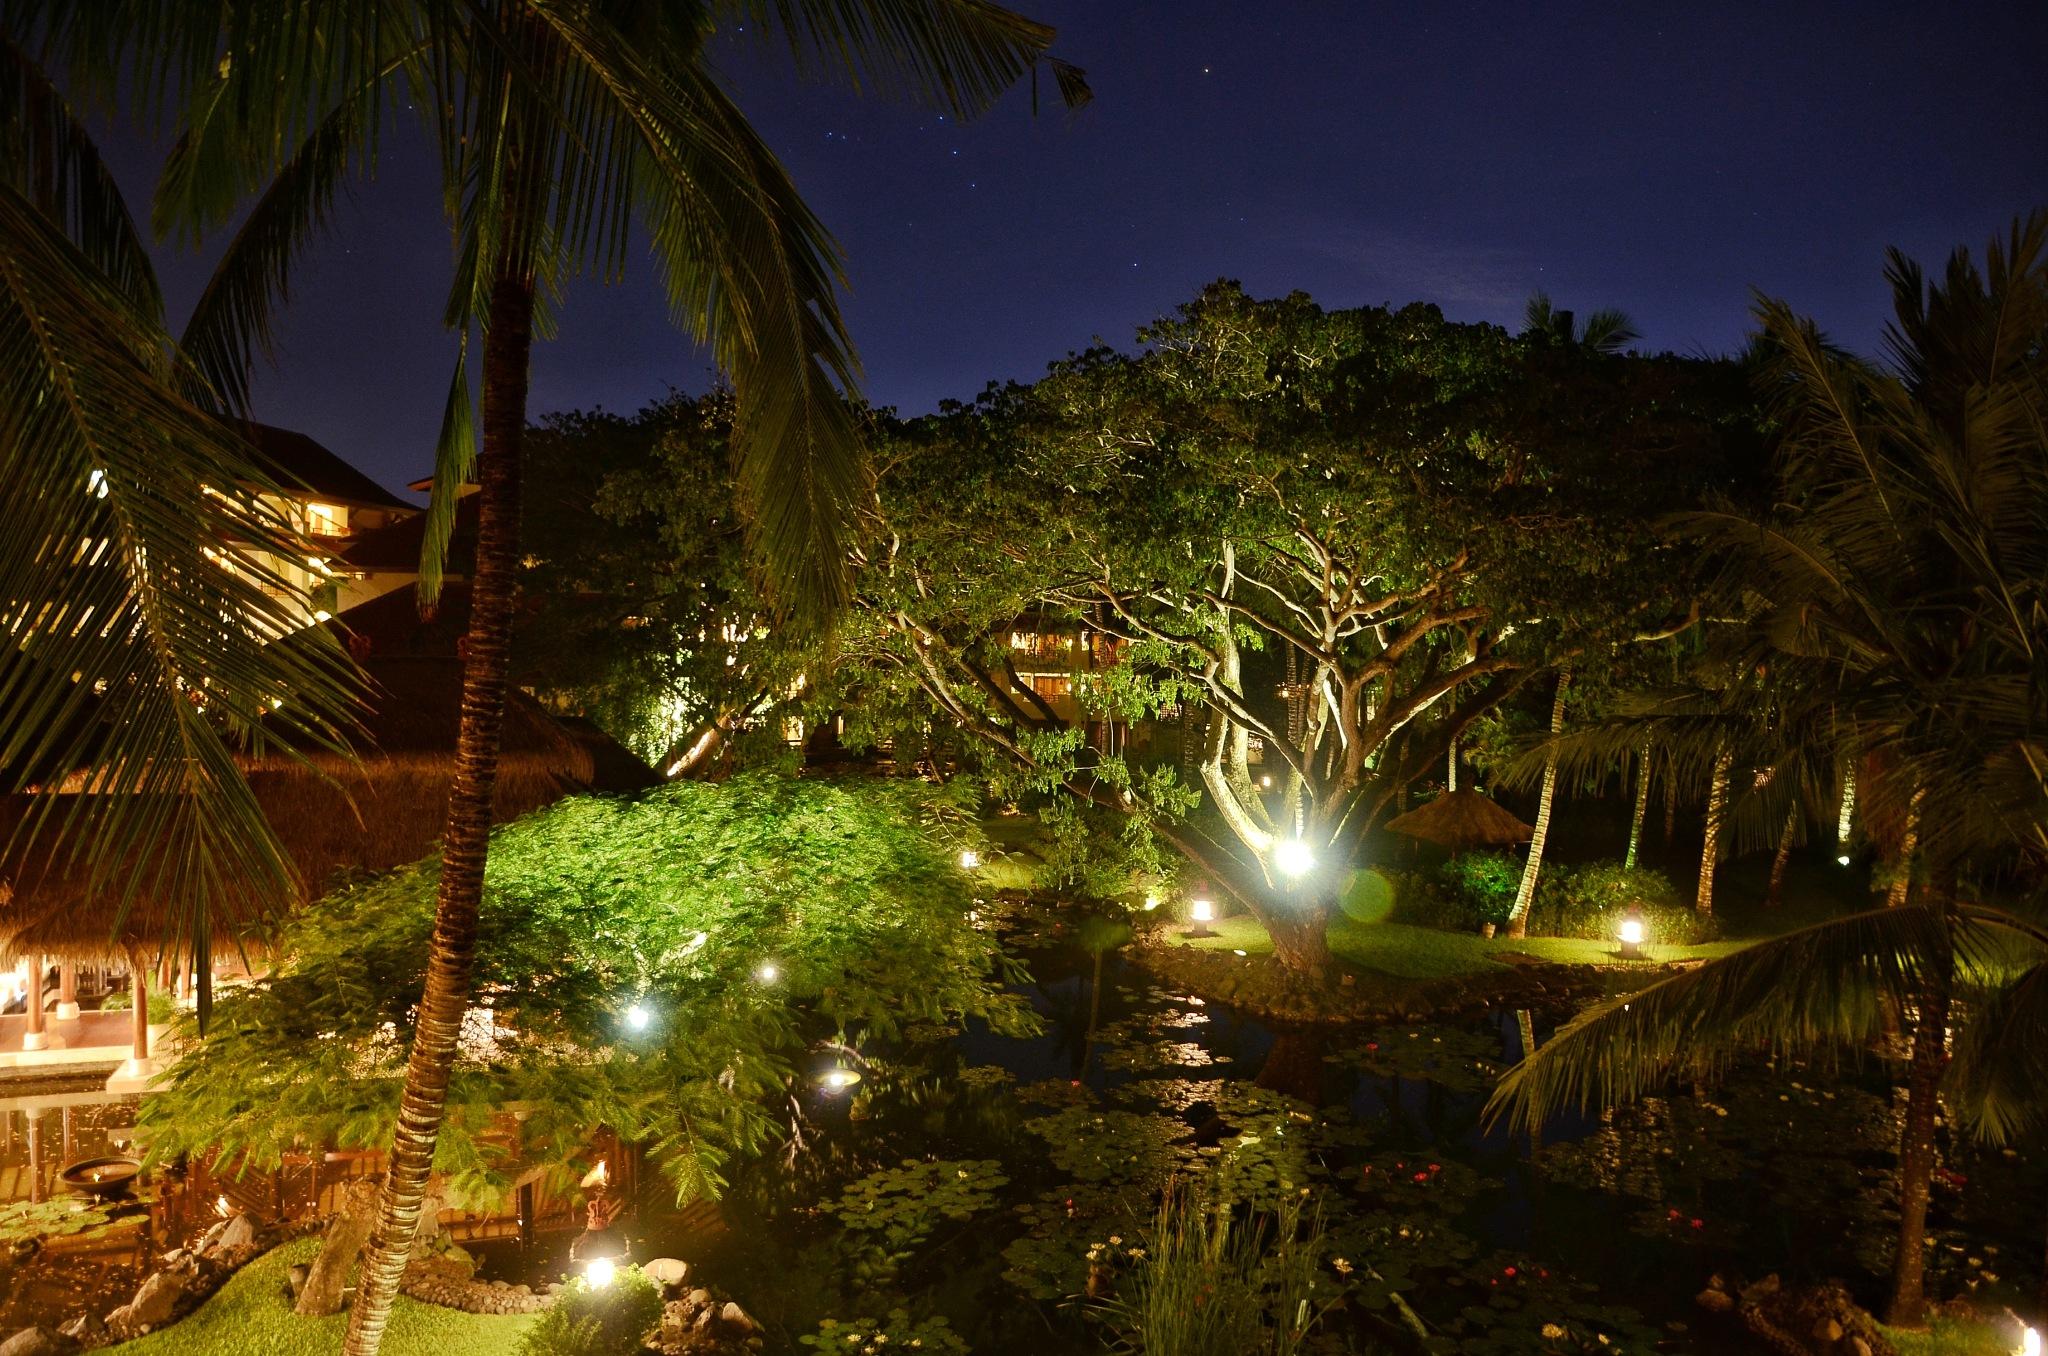 Grand Hyatt, Nusa Dua - Bali, Indonesia by bambang irawan